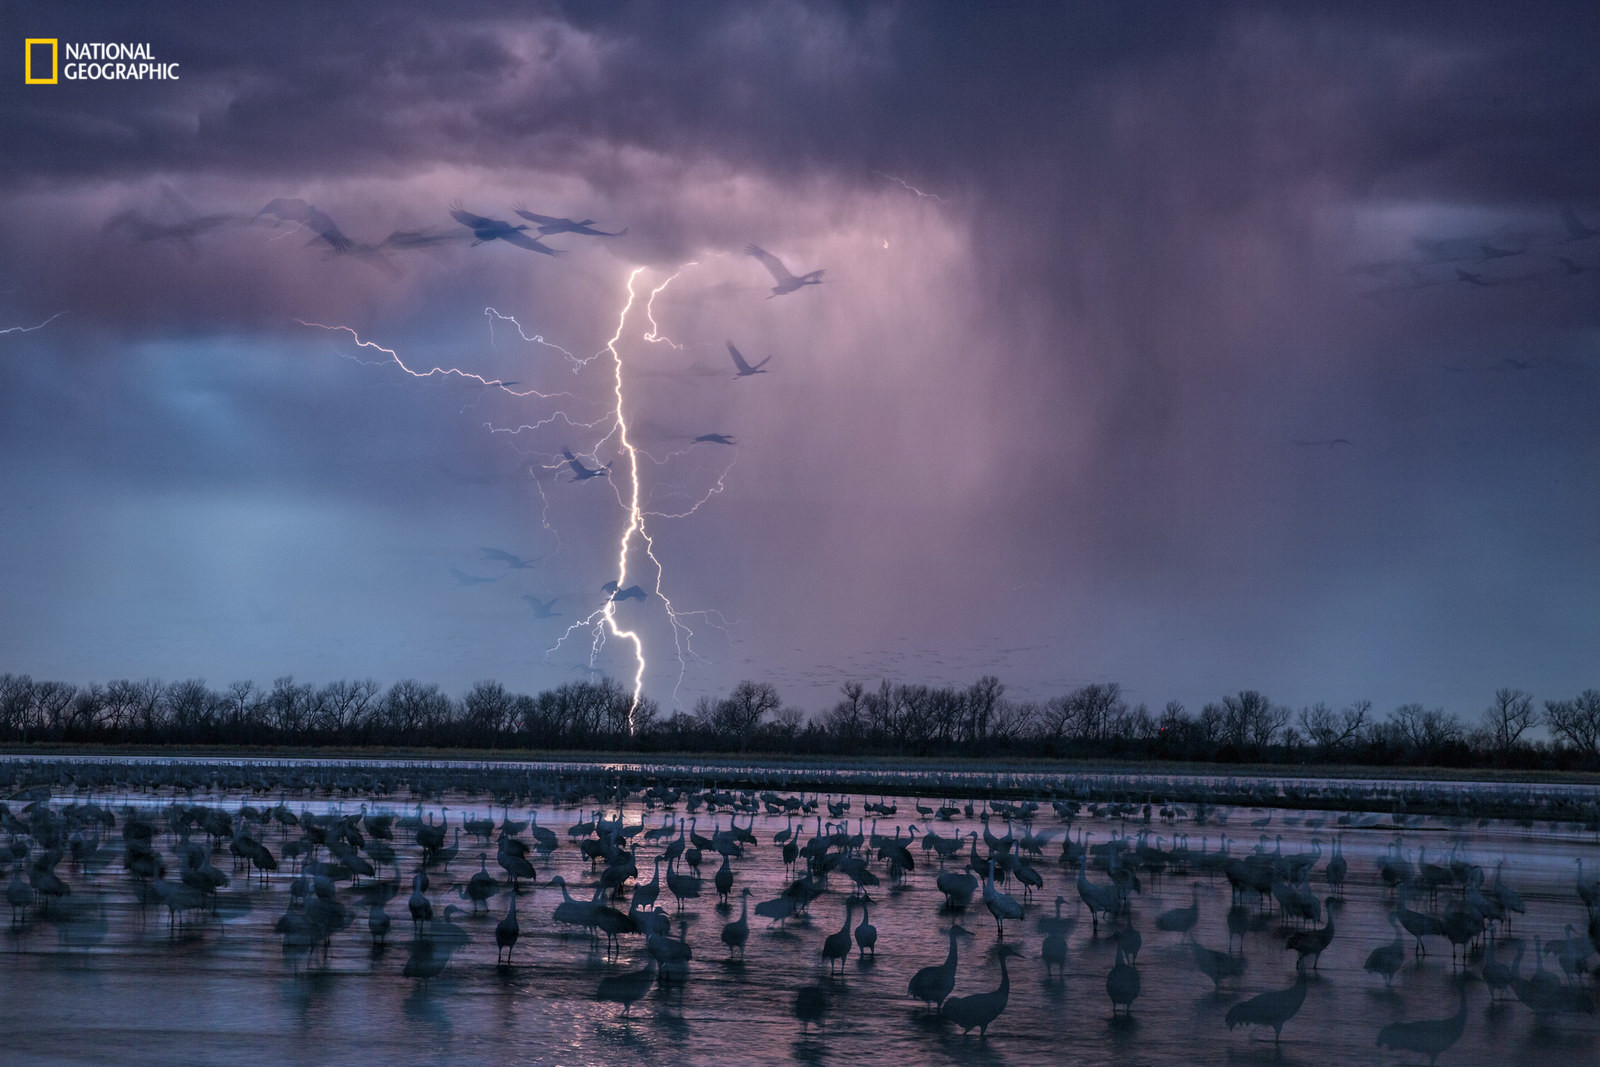 27 самых интересных научных фотографий 2016 года